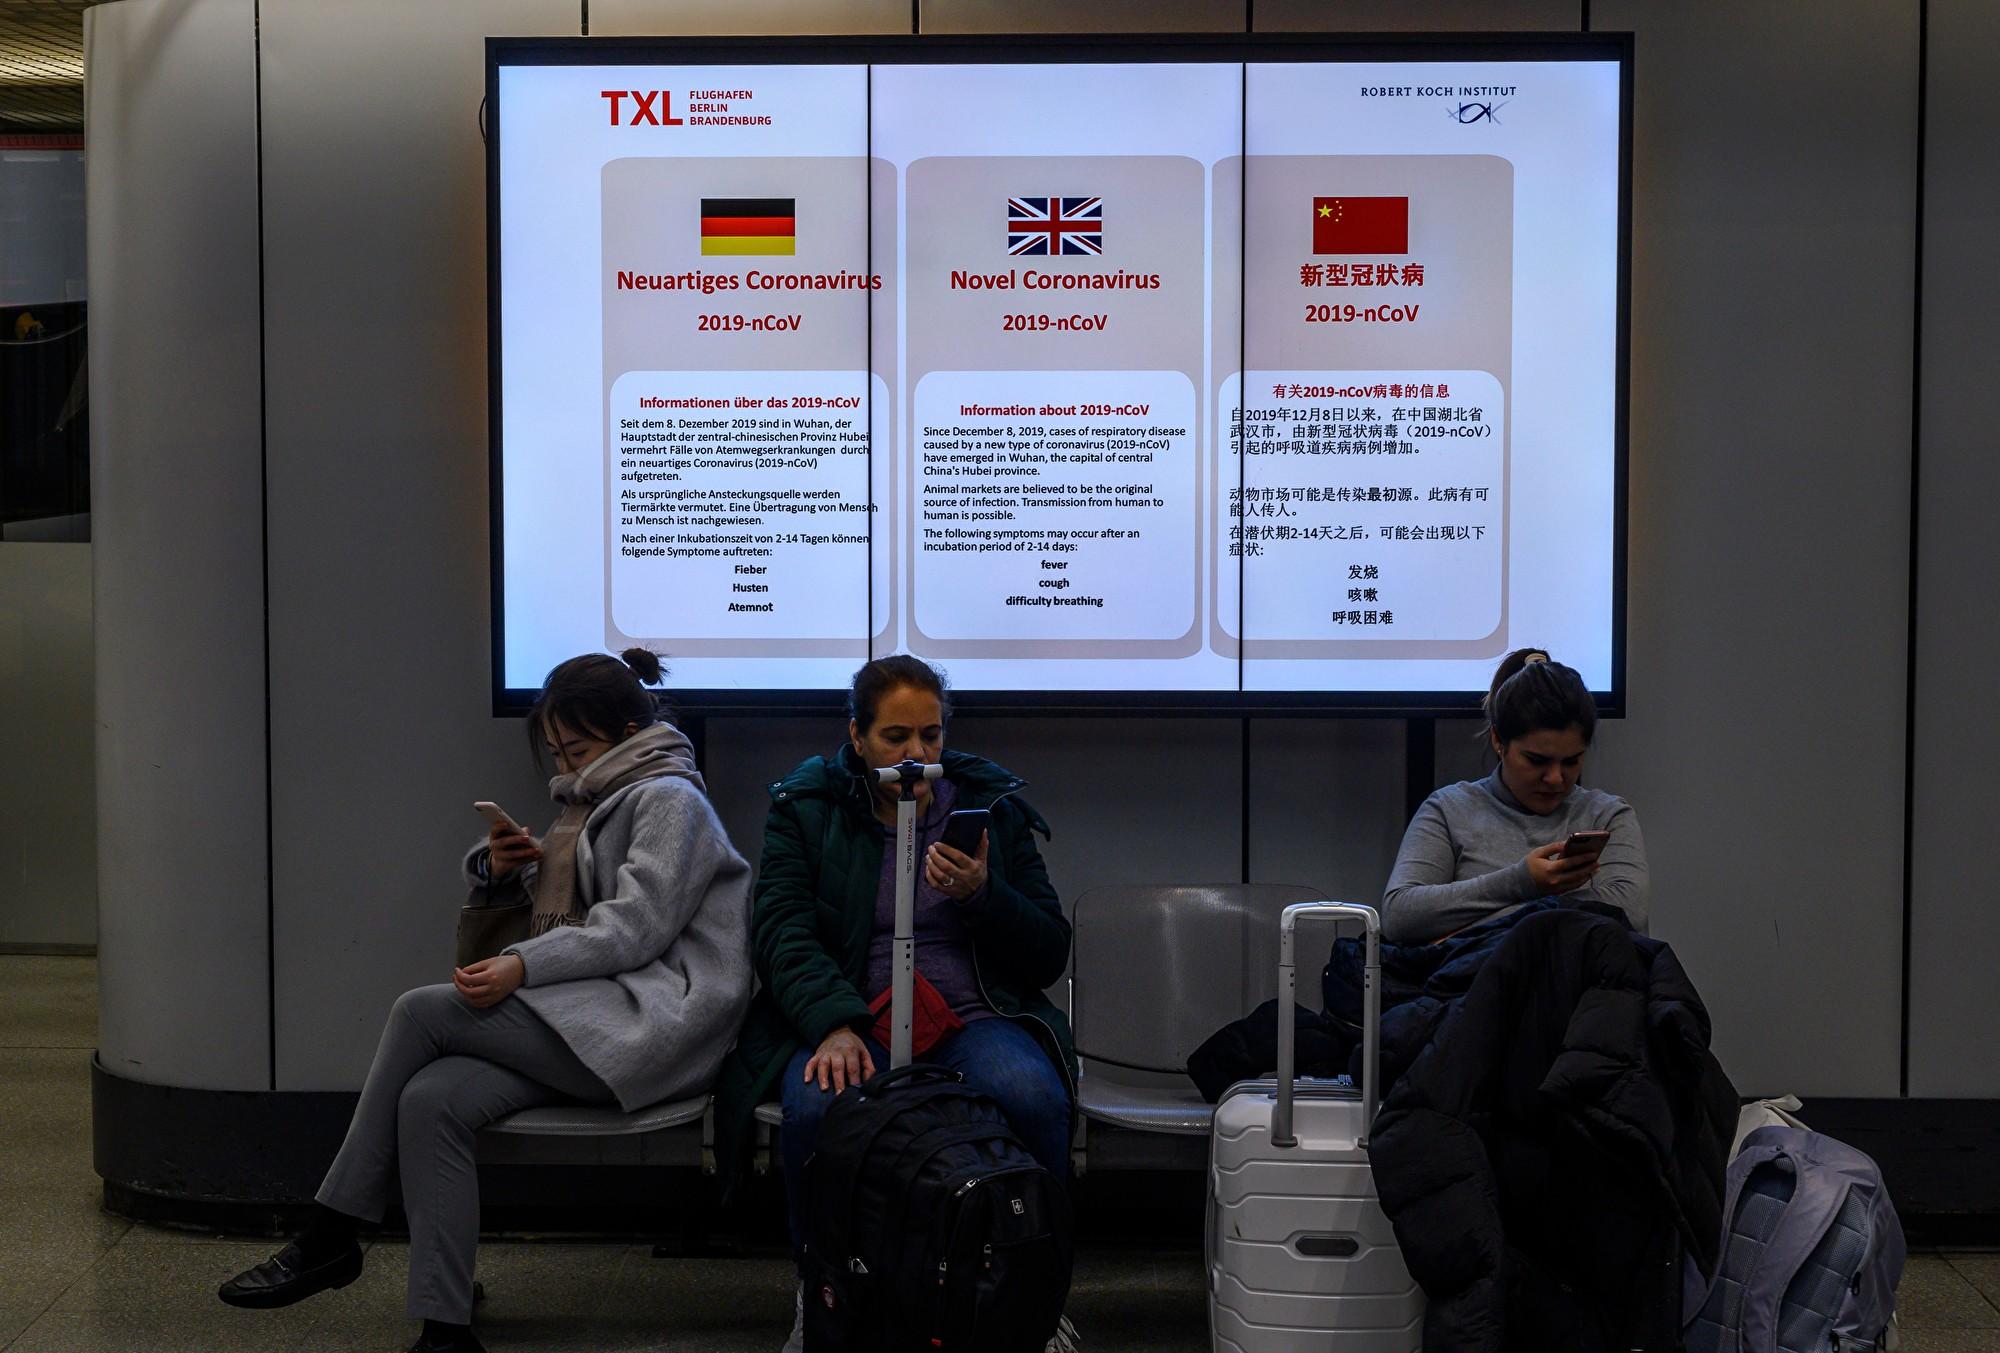 德國兩天新增30多例中共肺炎 多源自意大利